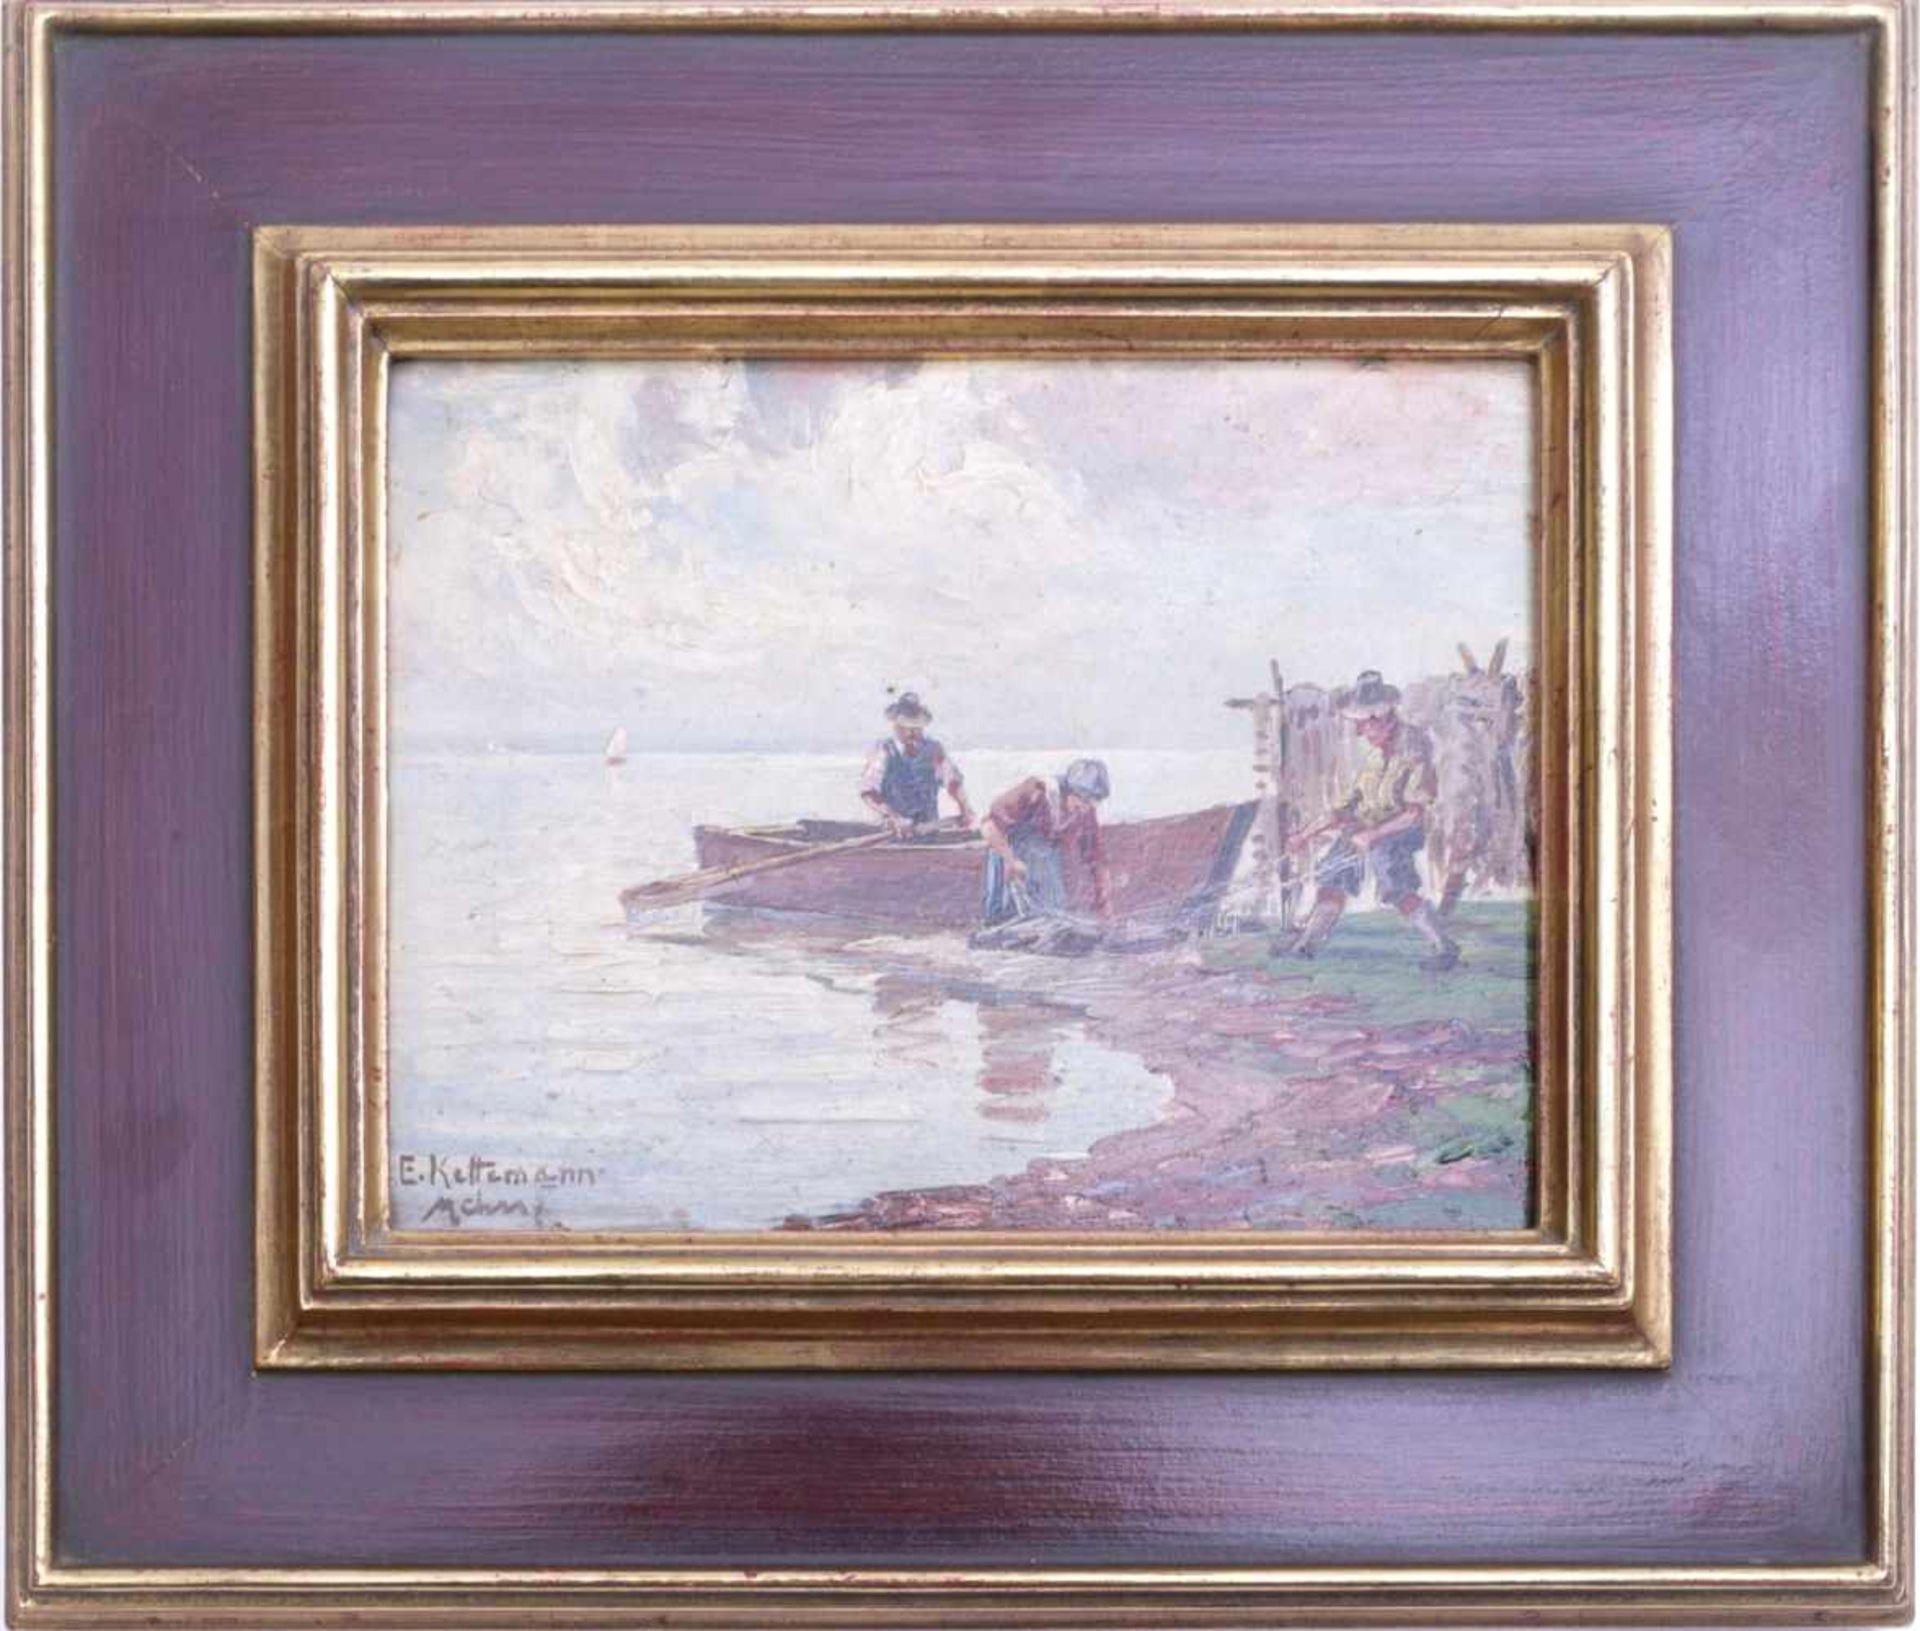 Kettemann, Erwin (1897-1971) - Fischer am Chiemsee MünchenBlick auf drei Fischer am Ufer des Sees,